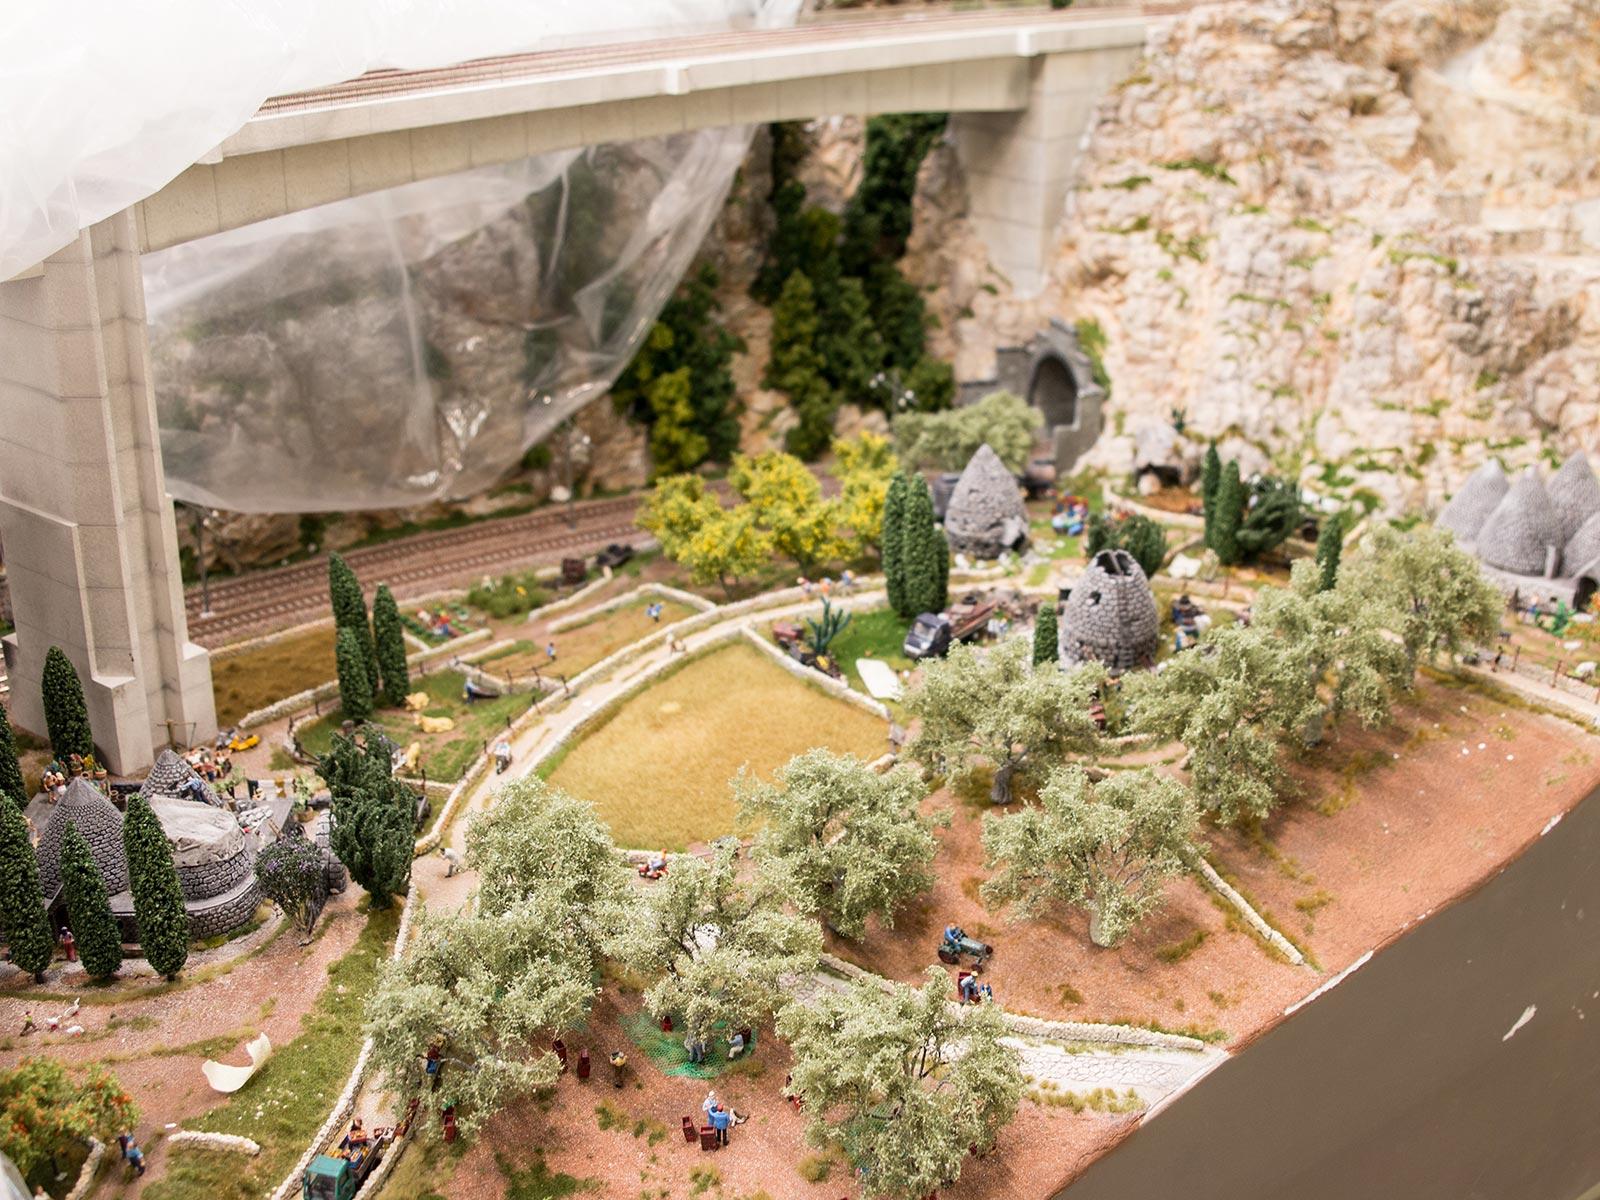 Hier sieht man die Trulli-Häuser umgeben von vielen, kleinen Szenen zum Entdecken, die bereits ausgeschmückt sind.